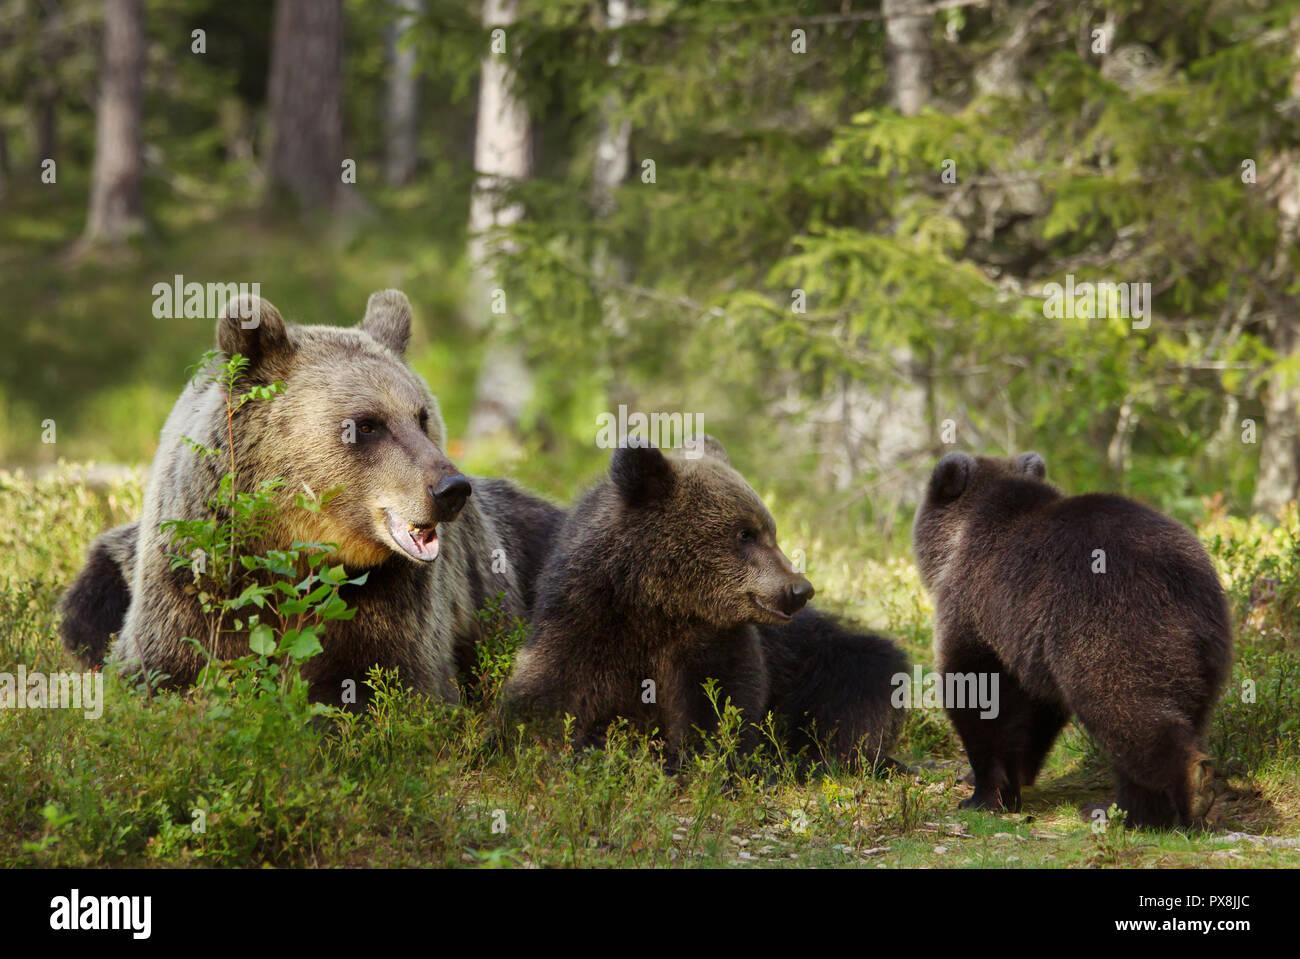 In der Nähe der weiblichen Eurasischer Braunbär (Ursos arctos) und ihre verspielten Jungen im borealen Wald, Finnland. Stockfoto